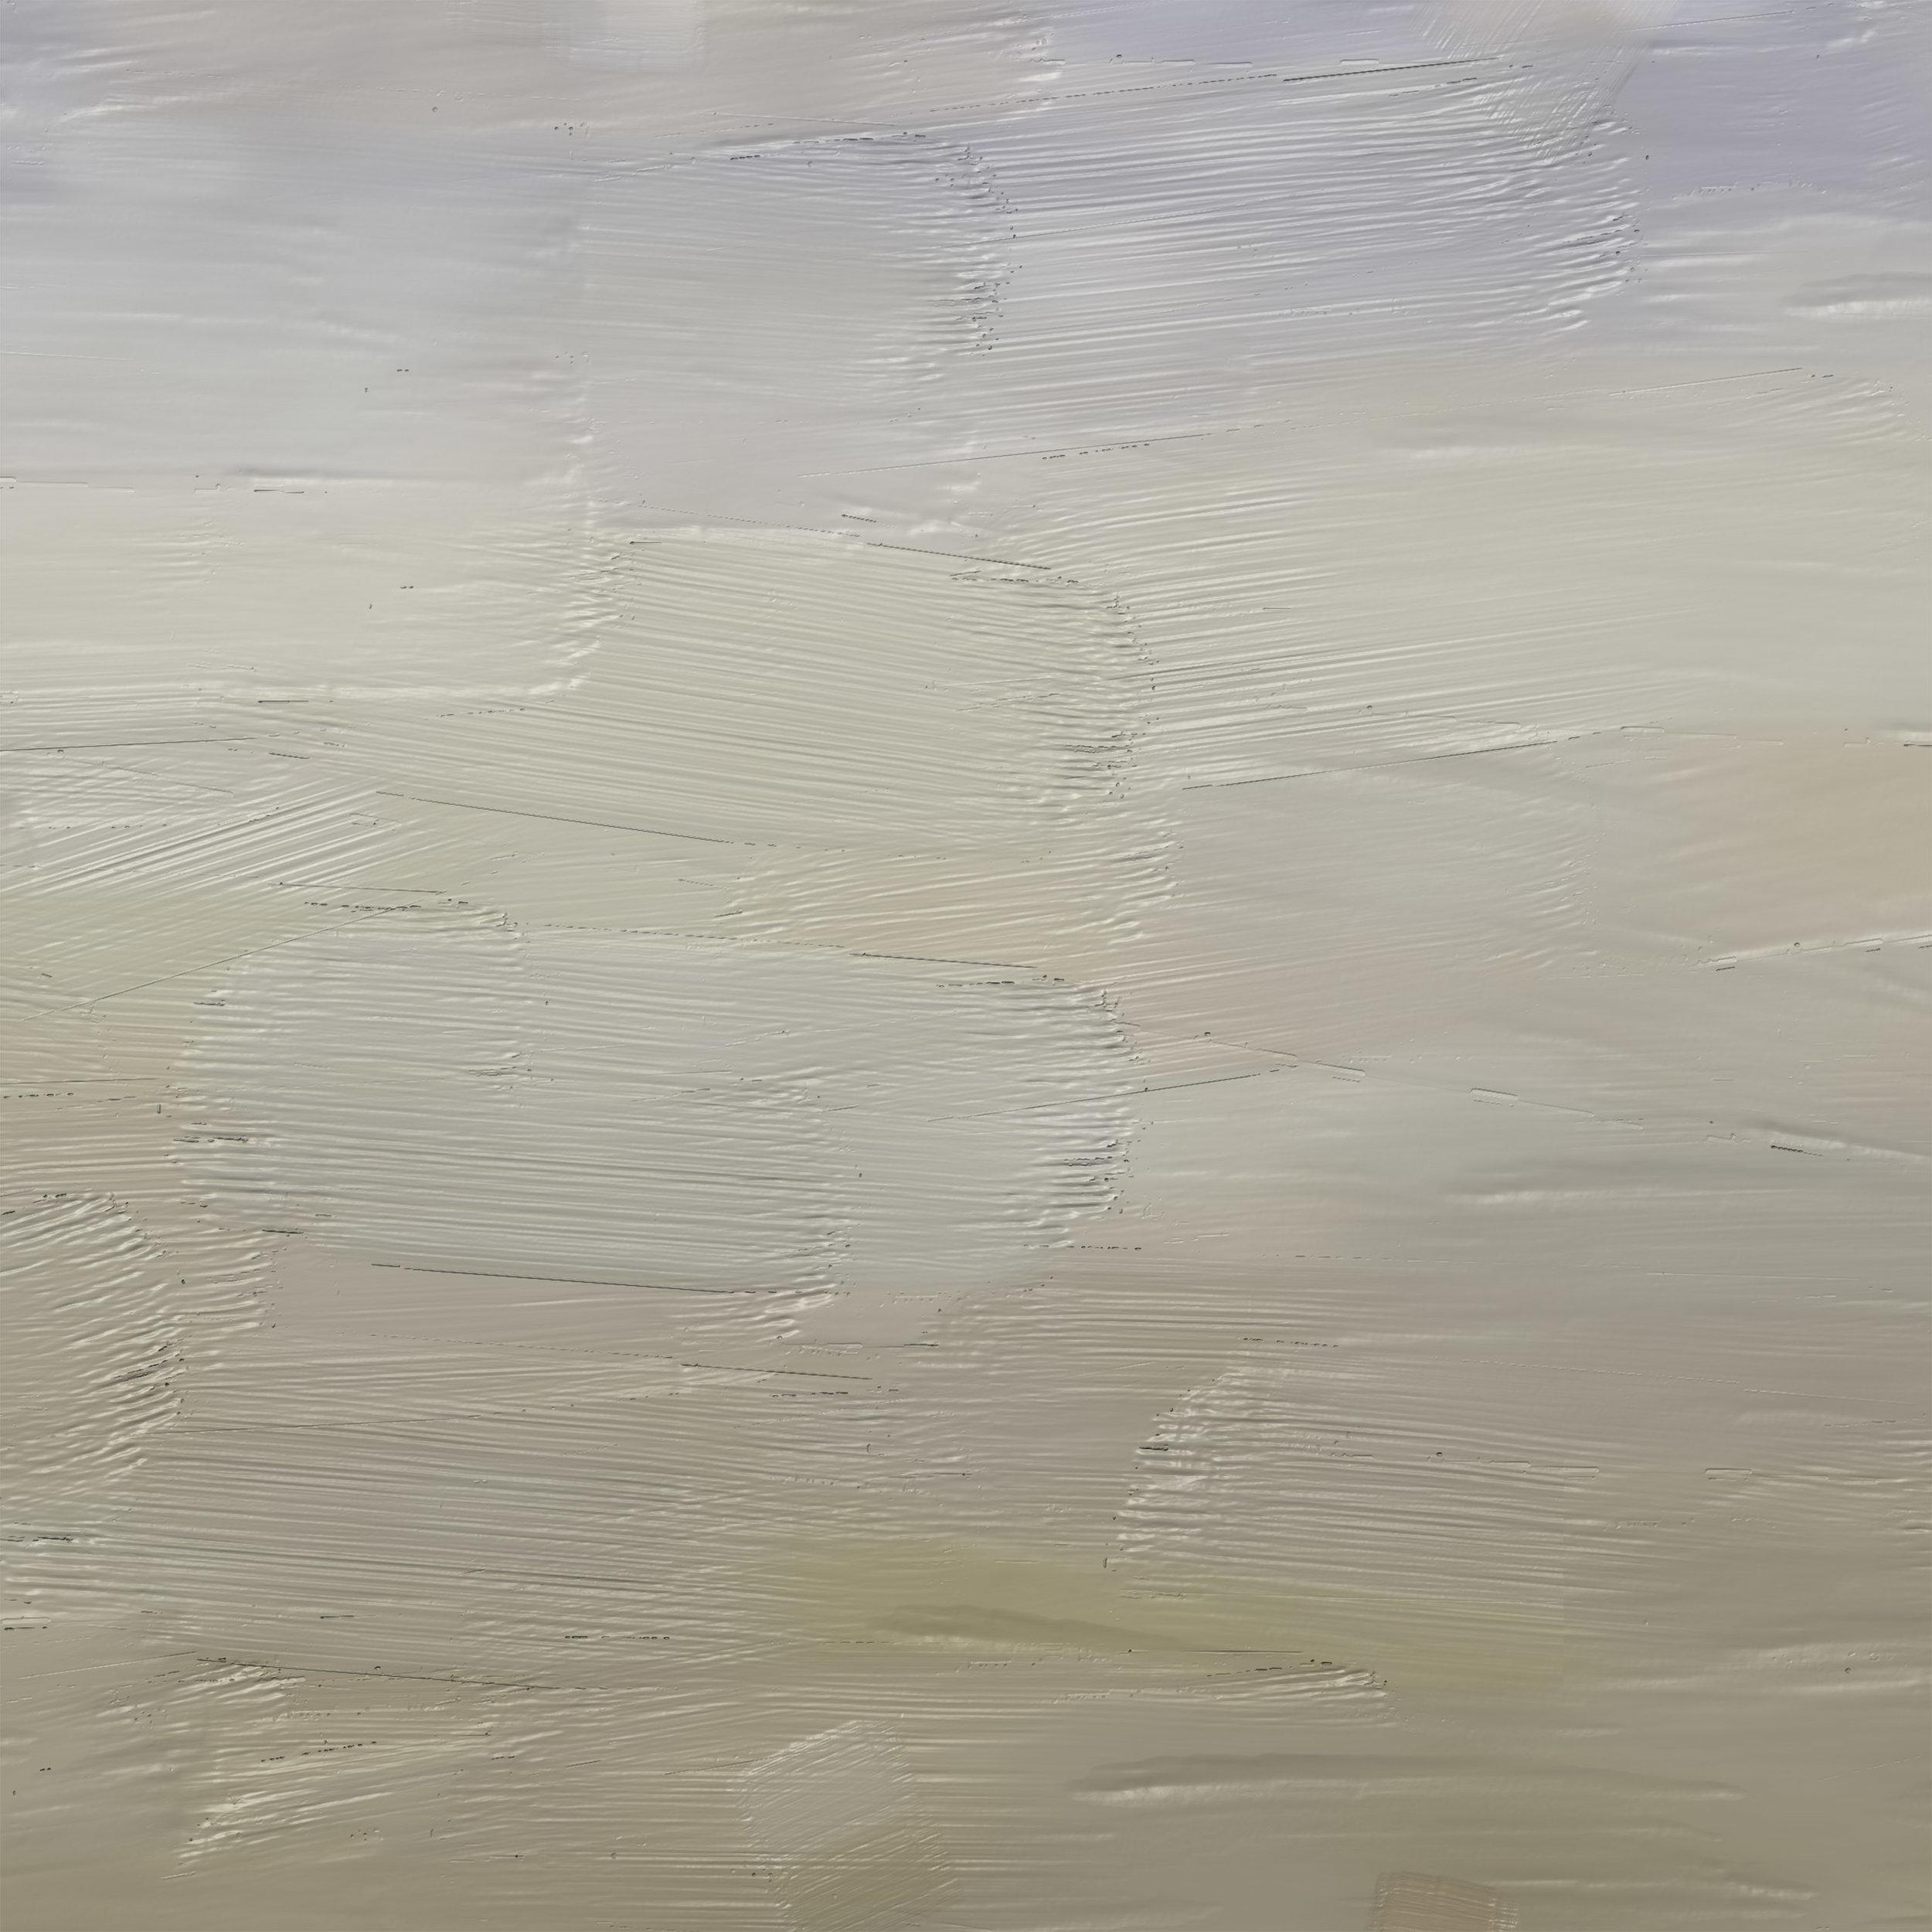 painted sea illusions printed image on glass splashbacks detail b.jpg